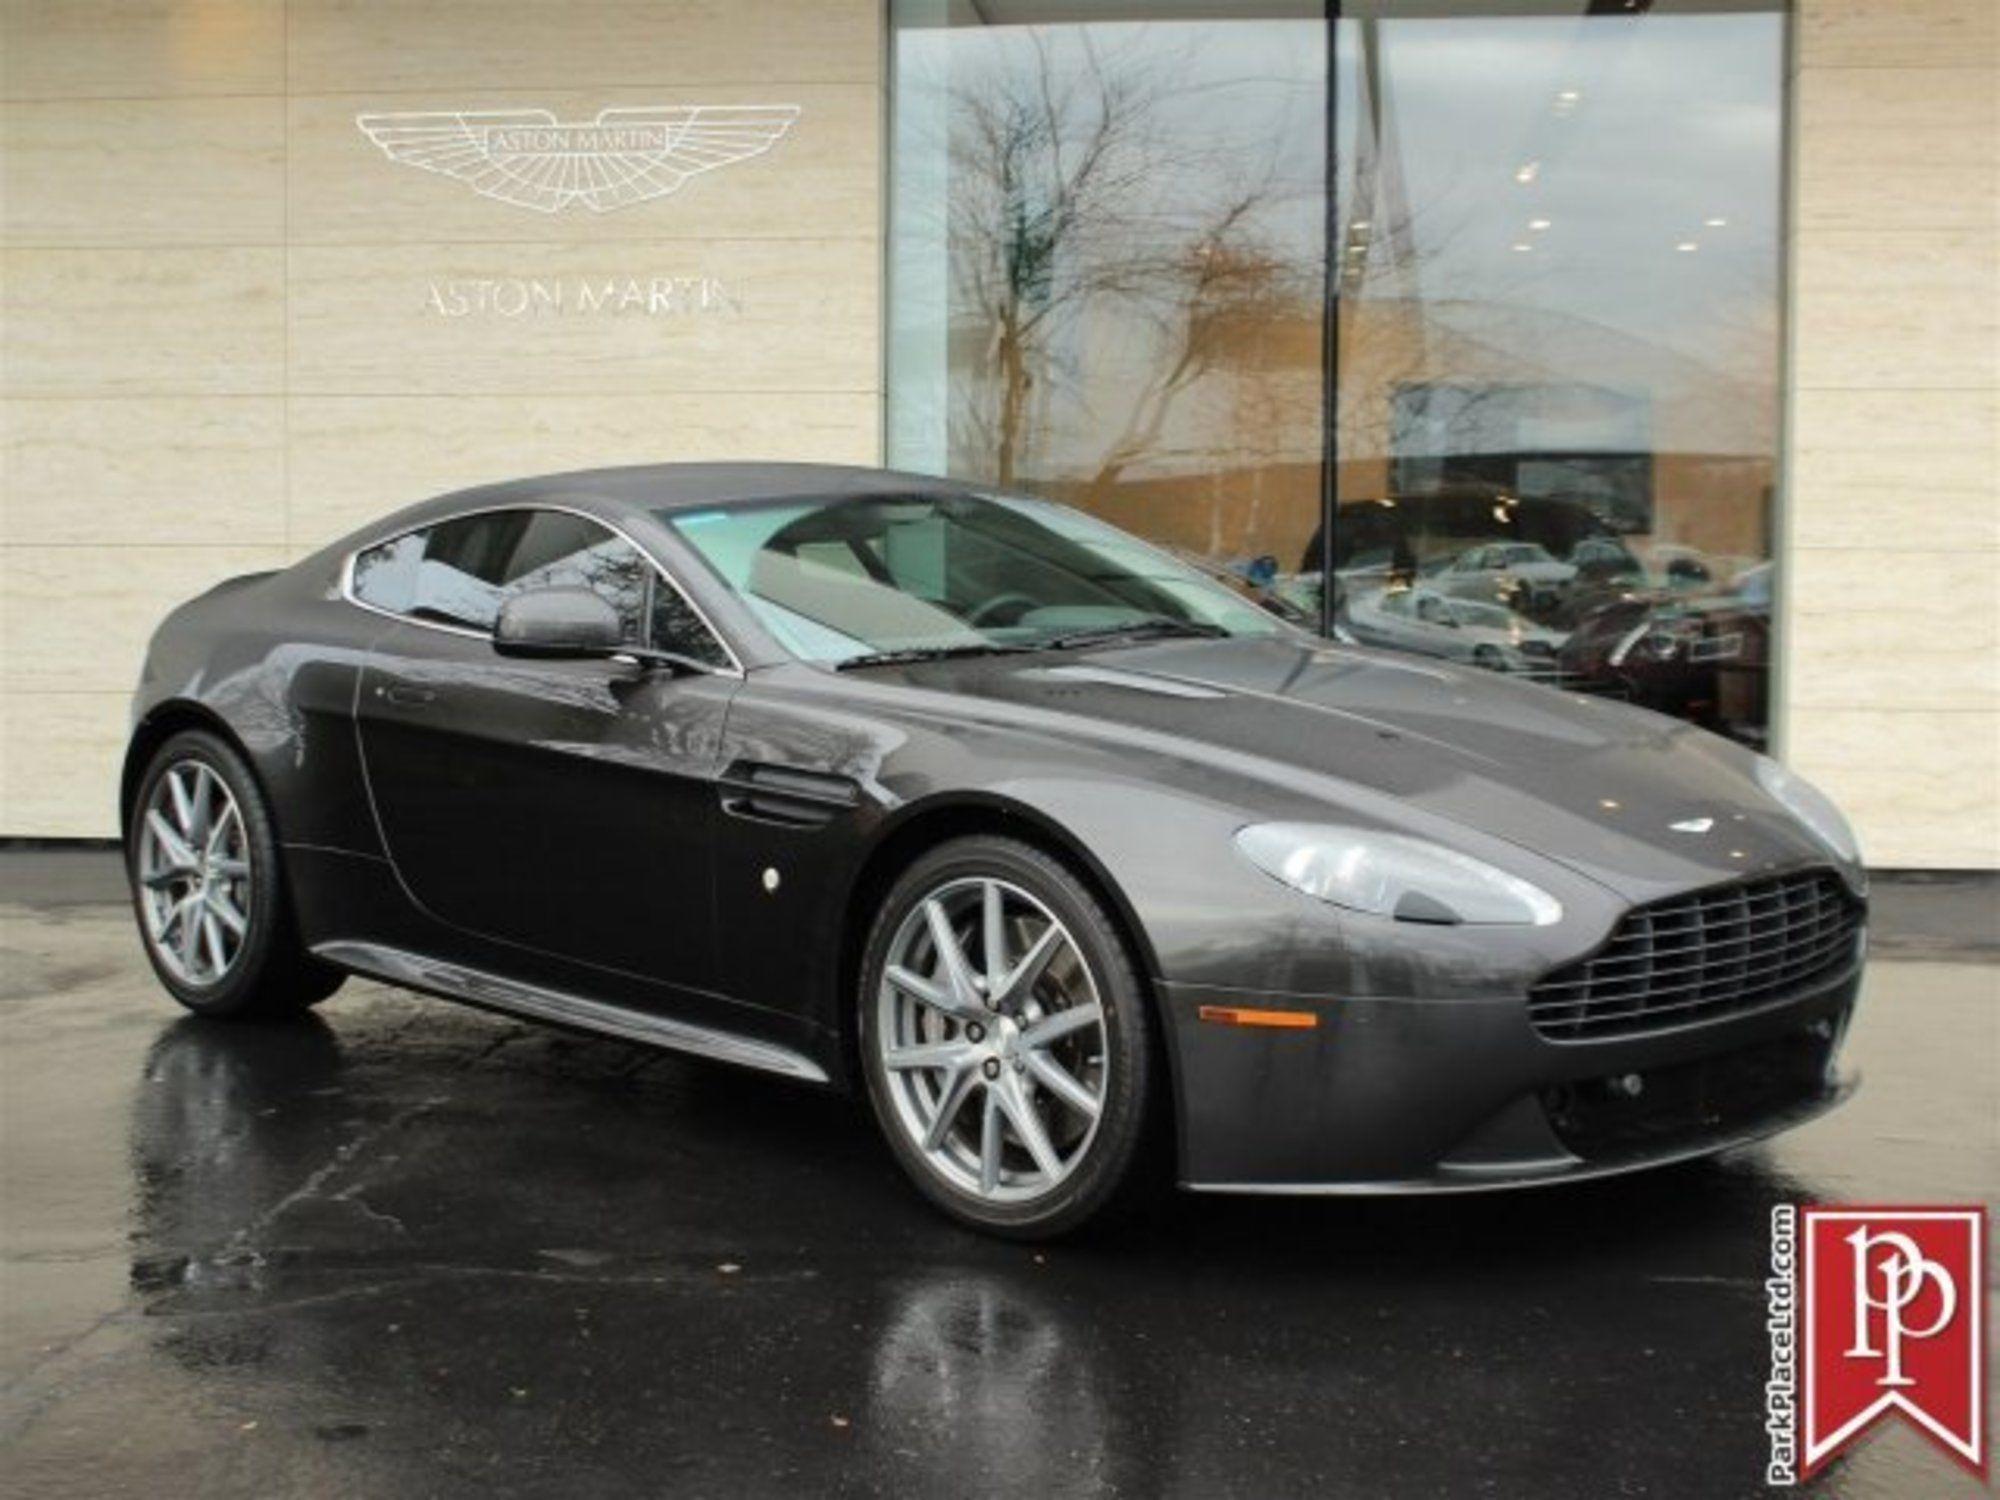 Aston Martin Vantage S Aston Martin Pinterest